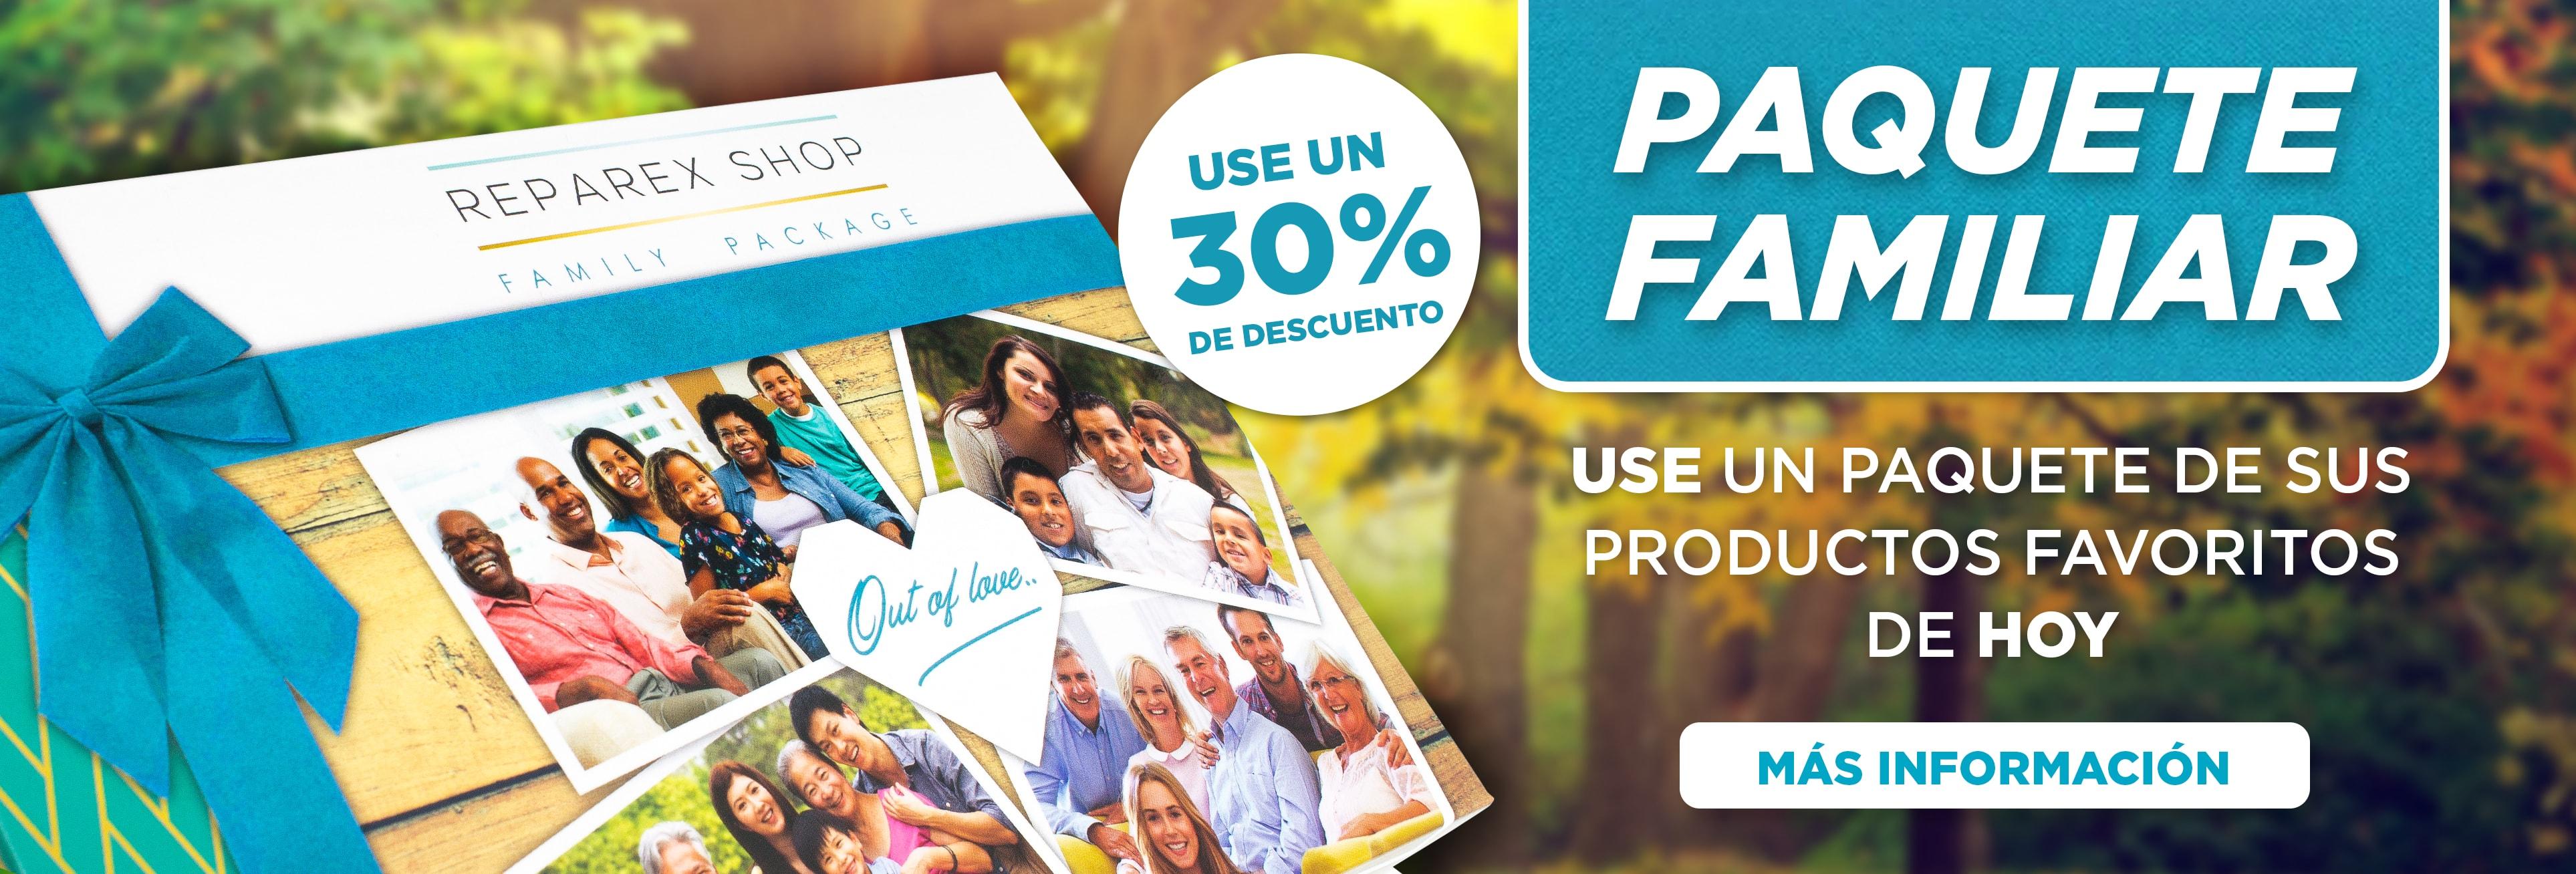 family-package-desktop-ES